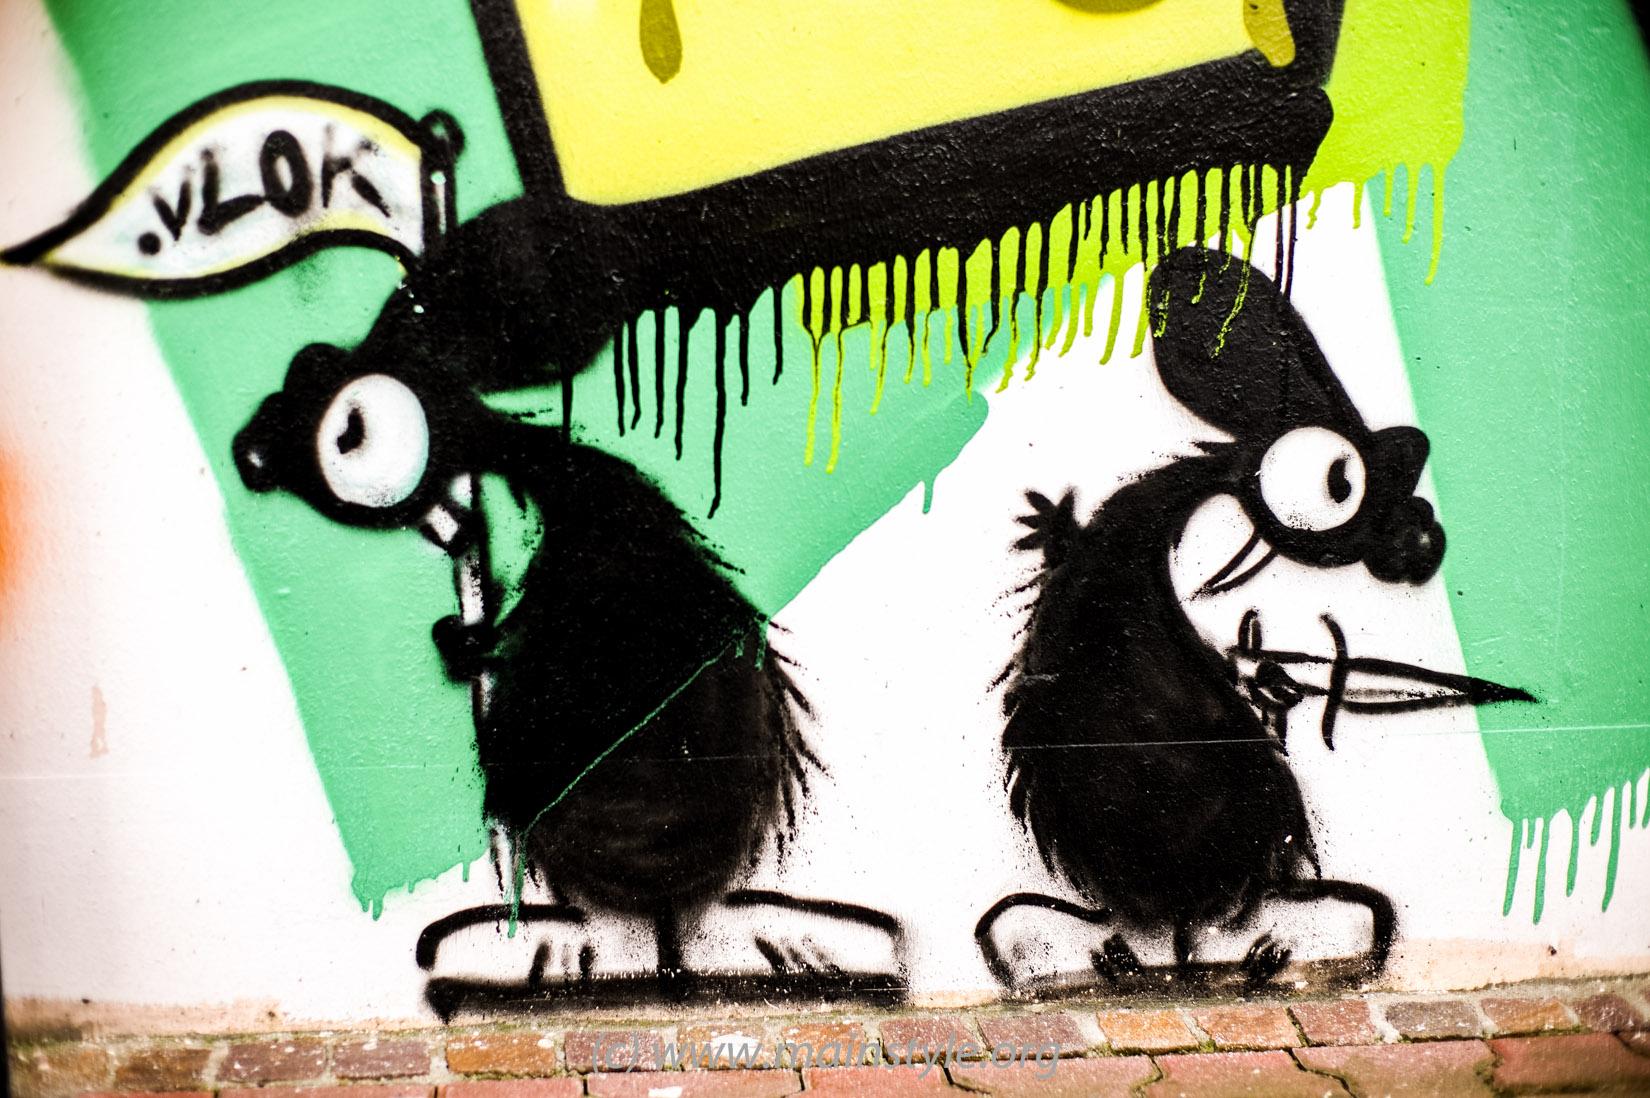 Frankfurt-Höchst_Graffiti_Süwag-Wall_2012 (26 von 35)